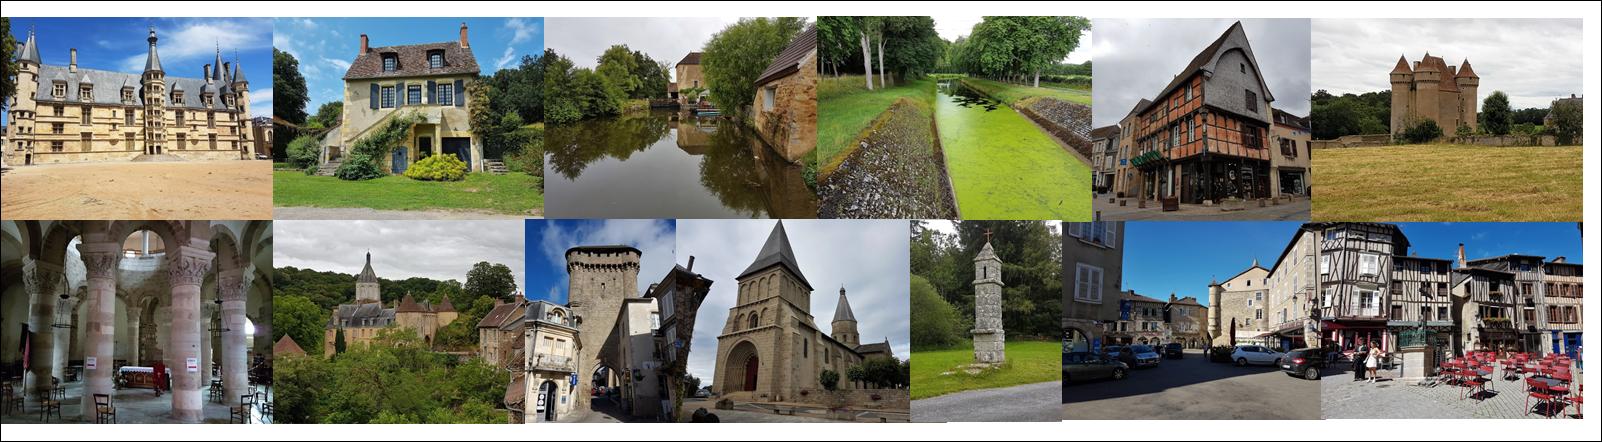 Nevers, Apremont sur Allier, Moulin Gateau, St Amand de Montrond, La Châtre, Neuvy St Sépulcre, Gargilesse, La Souterraine, Bénévent l'Abbaye, Lanterne des morts, St Léonard de Noblat, Limoges